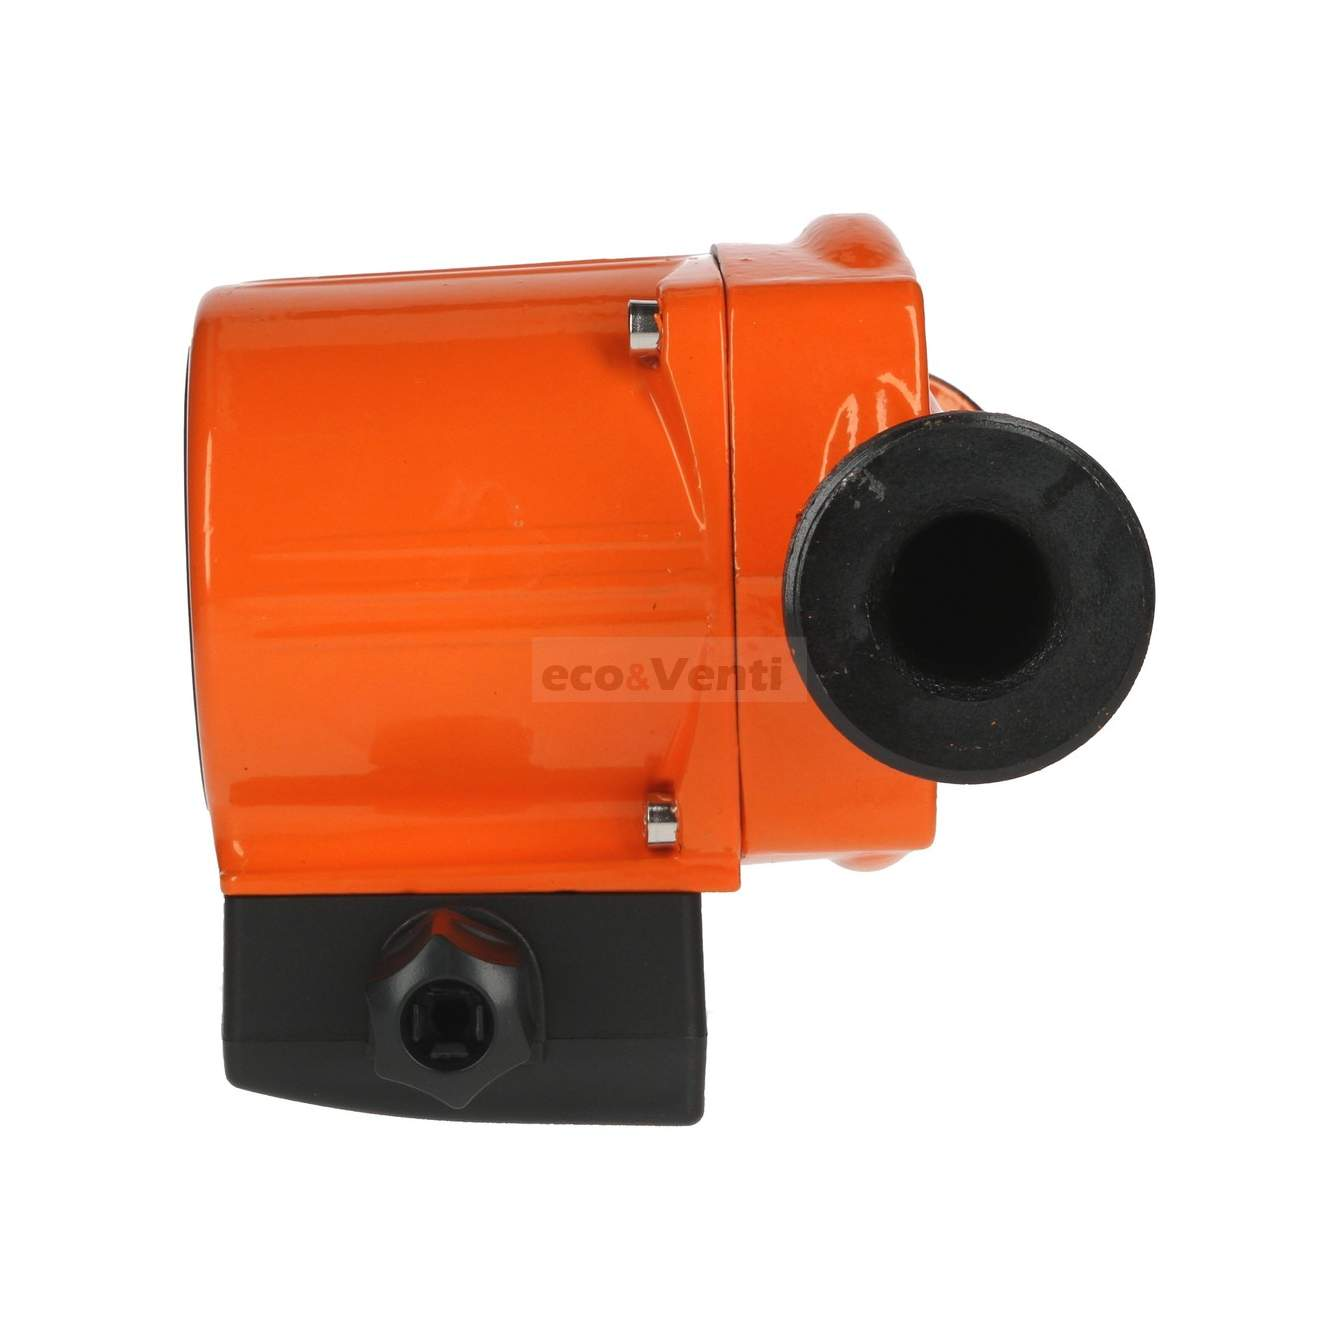 80//180/Pompe Pompe de chauffage deau chaude Chauffage Circulateur Pompe de recirculation Ibo Ohi 32